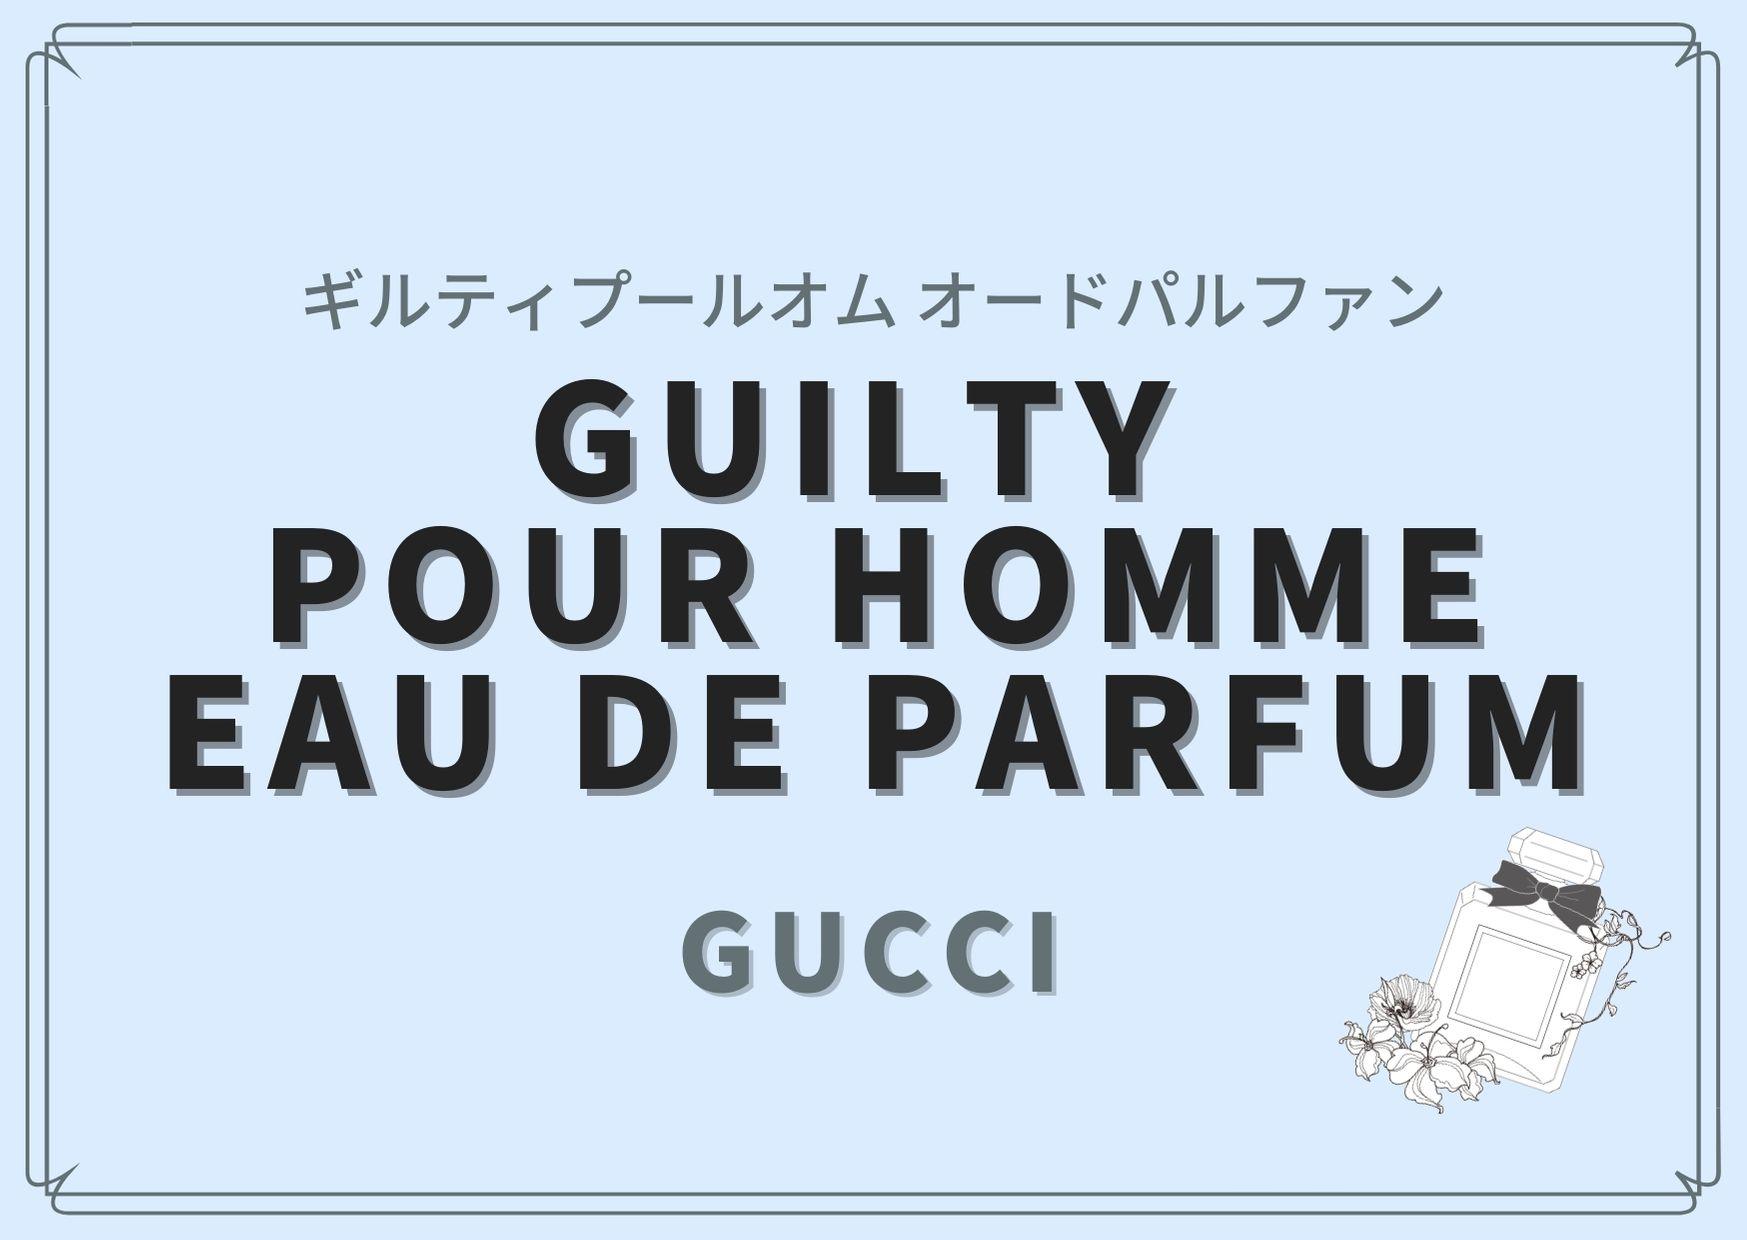 Guilty Pour Homme Eau de parfum(ギルティプールオム)/GUCCI(グッチ)